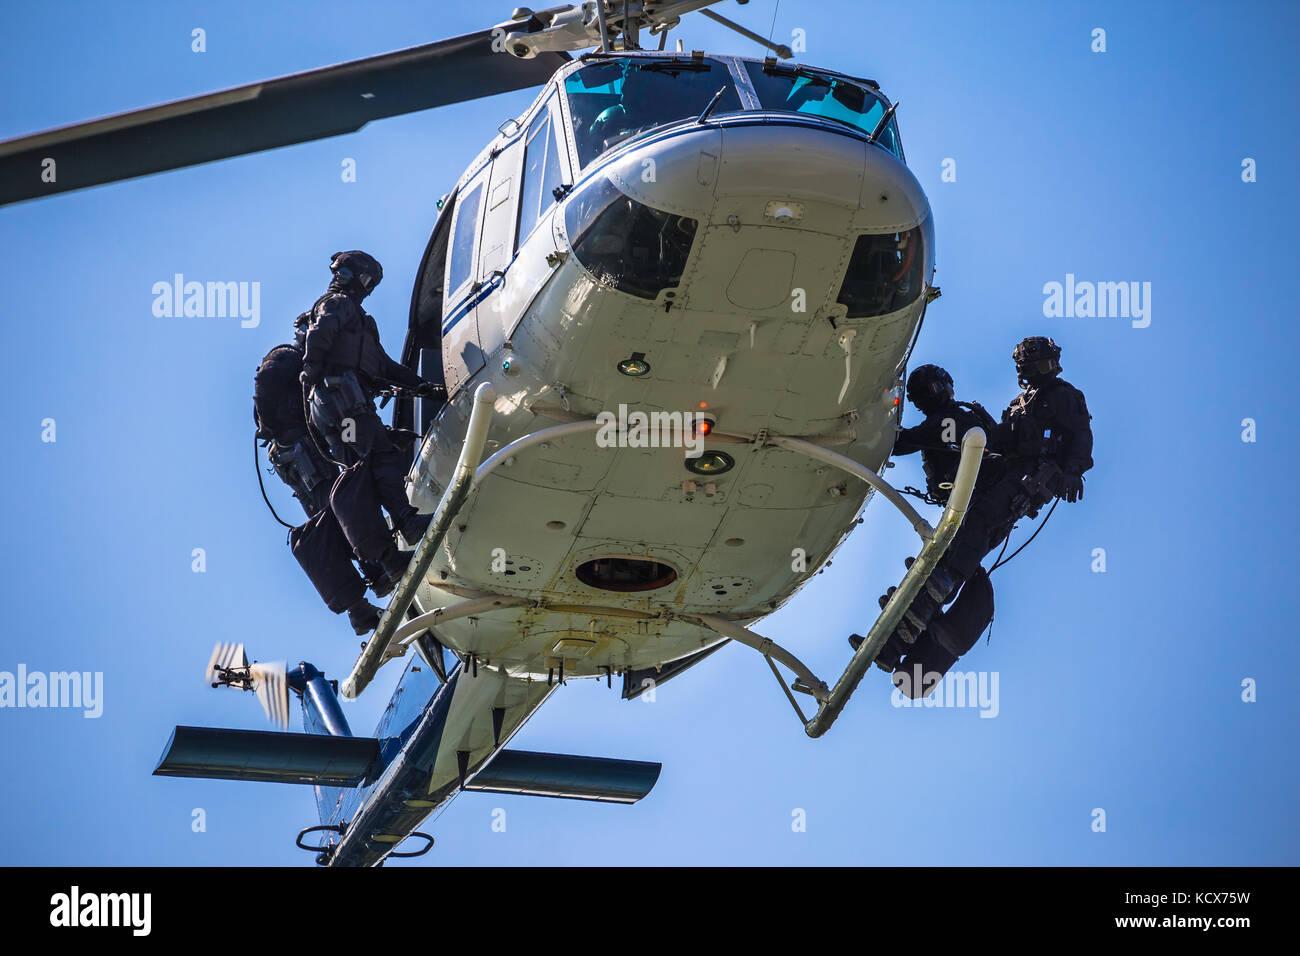 Equipo de fuerzas especiales helicóptero listo para saltar la cuerda, marcado y SWAT TEAM irreconocible Imagen De Stock